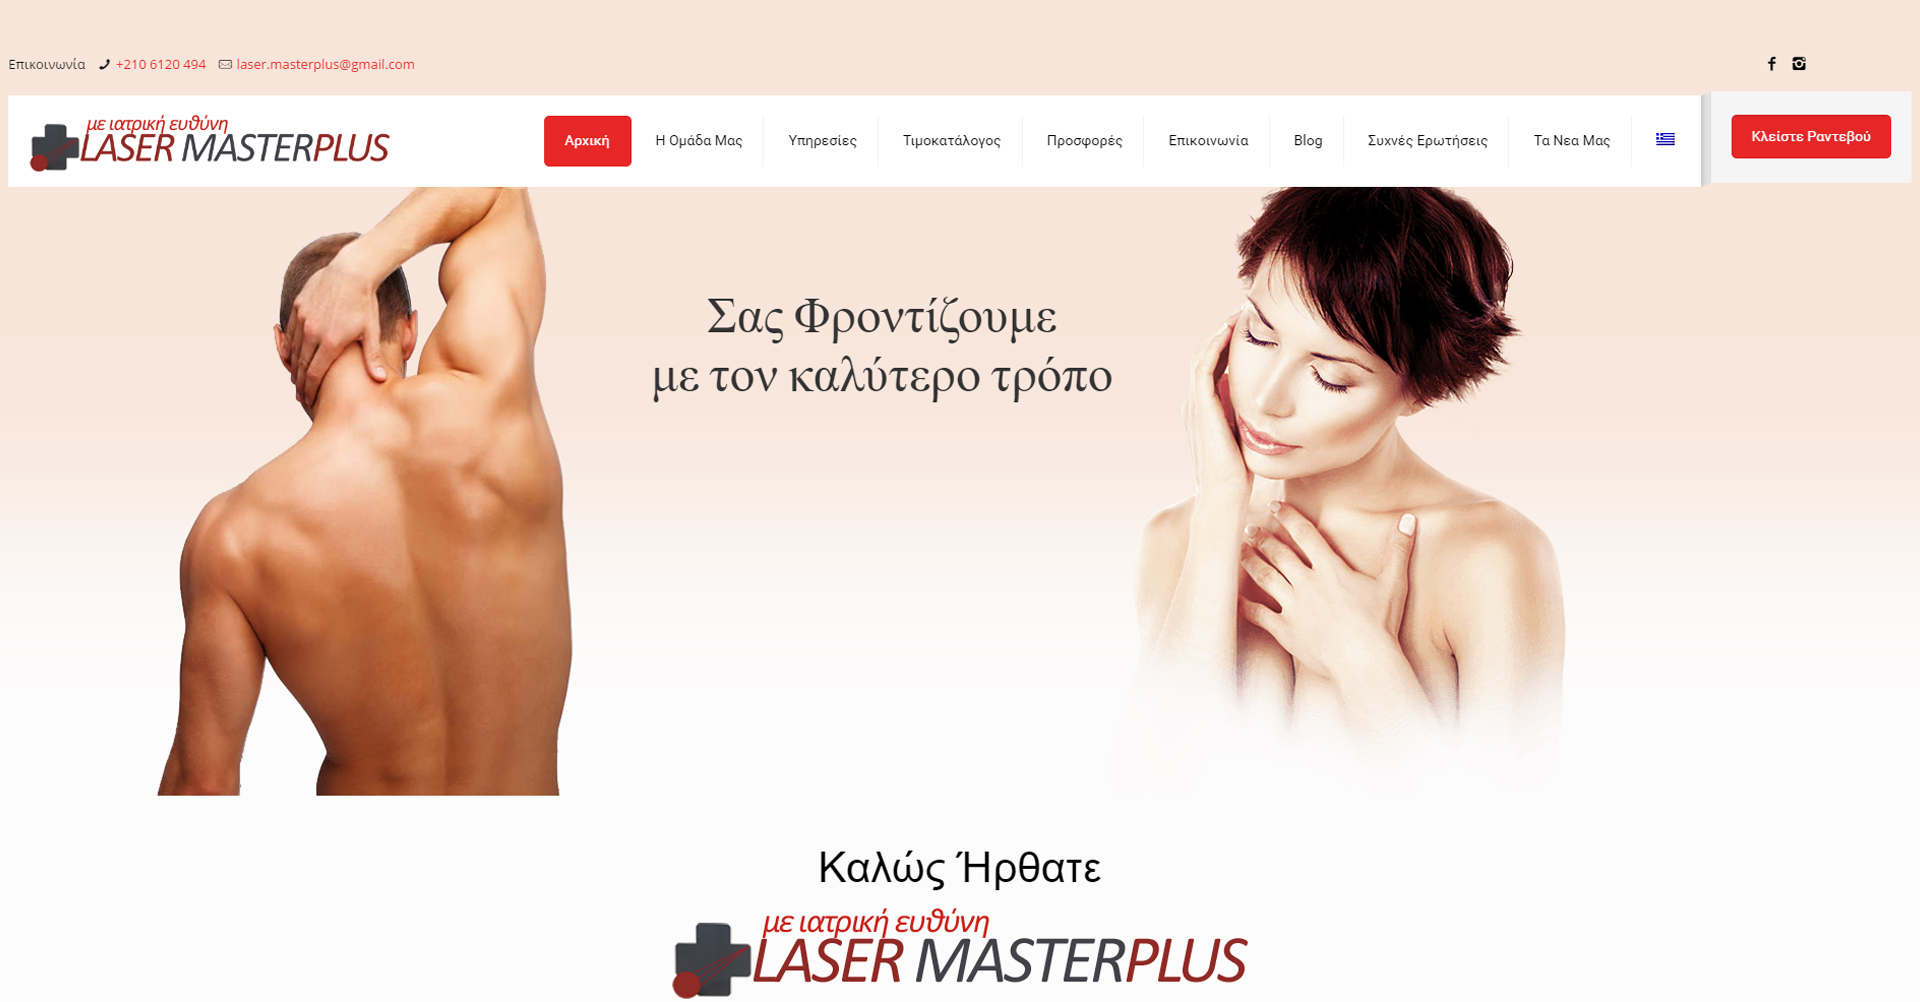 http://lasermasterplus.com/